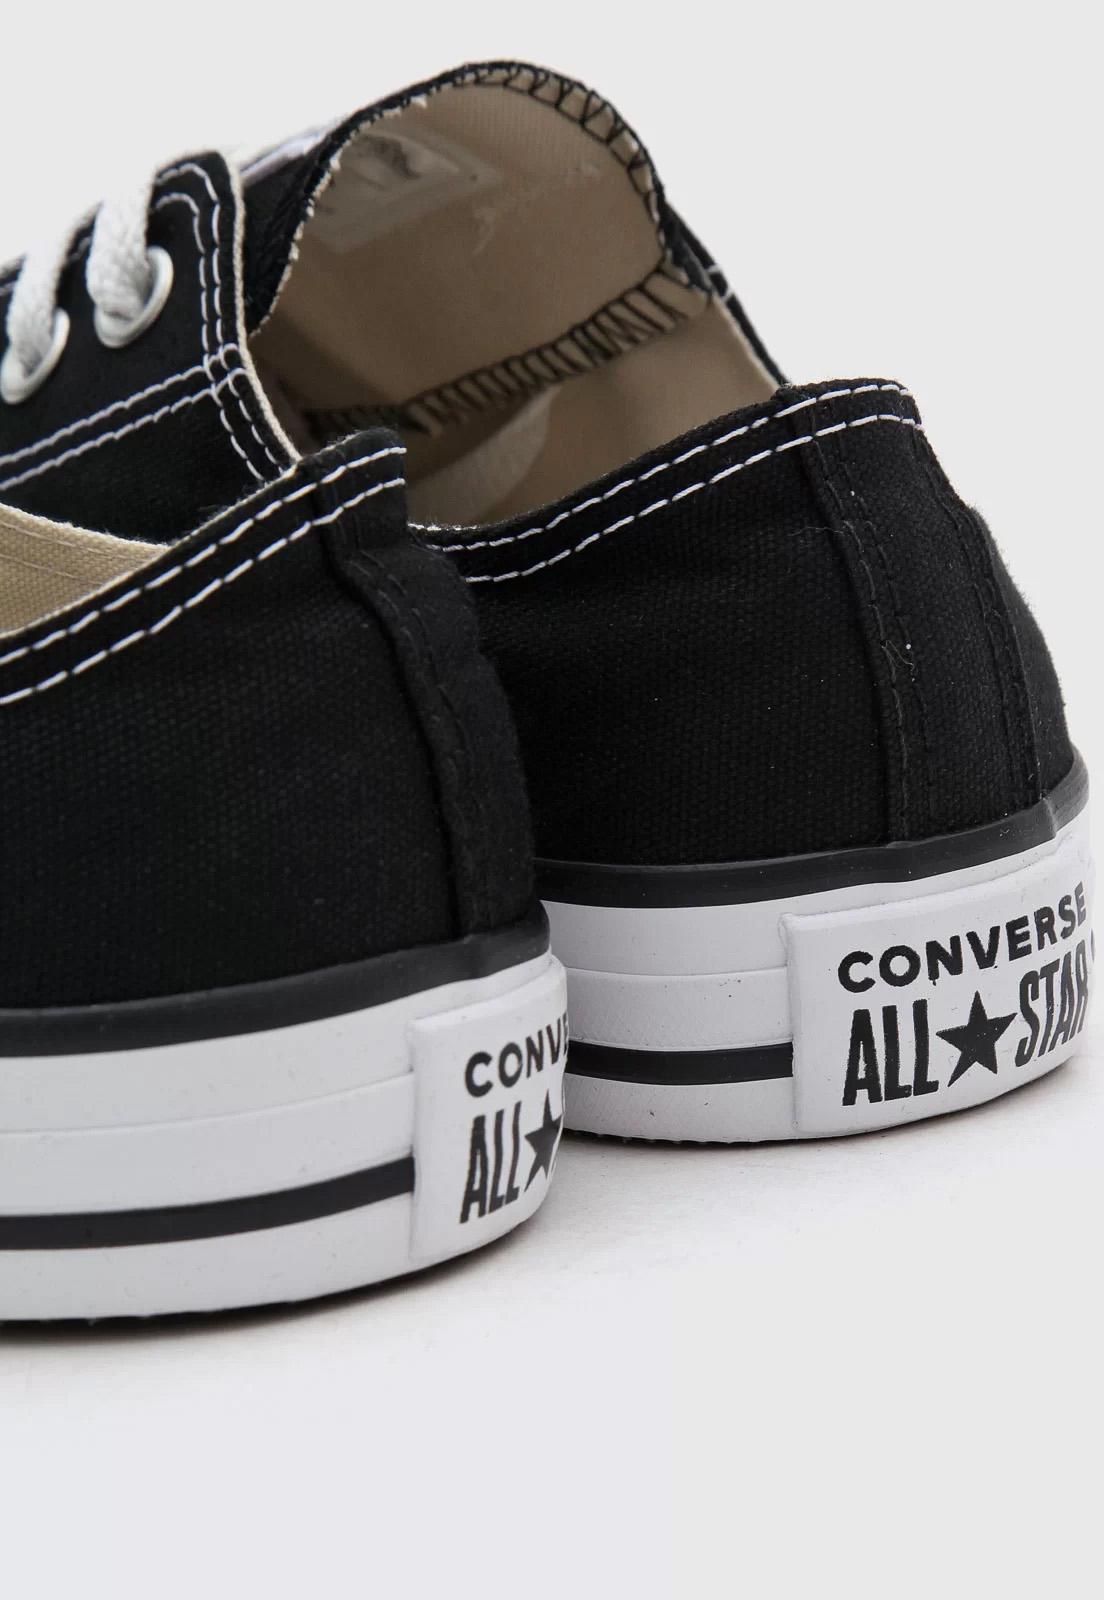 Tênis Converse All Star Preto CT00010002 lista preta